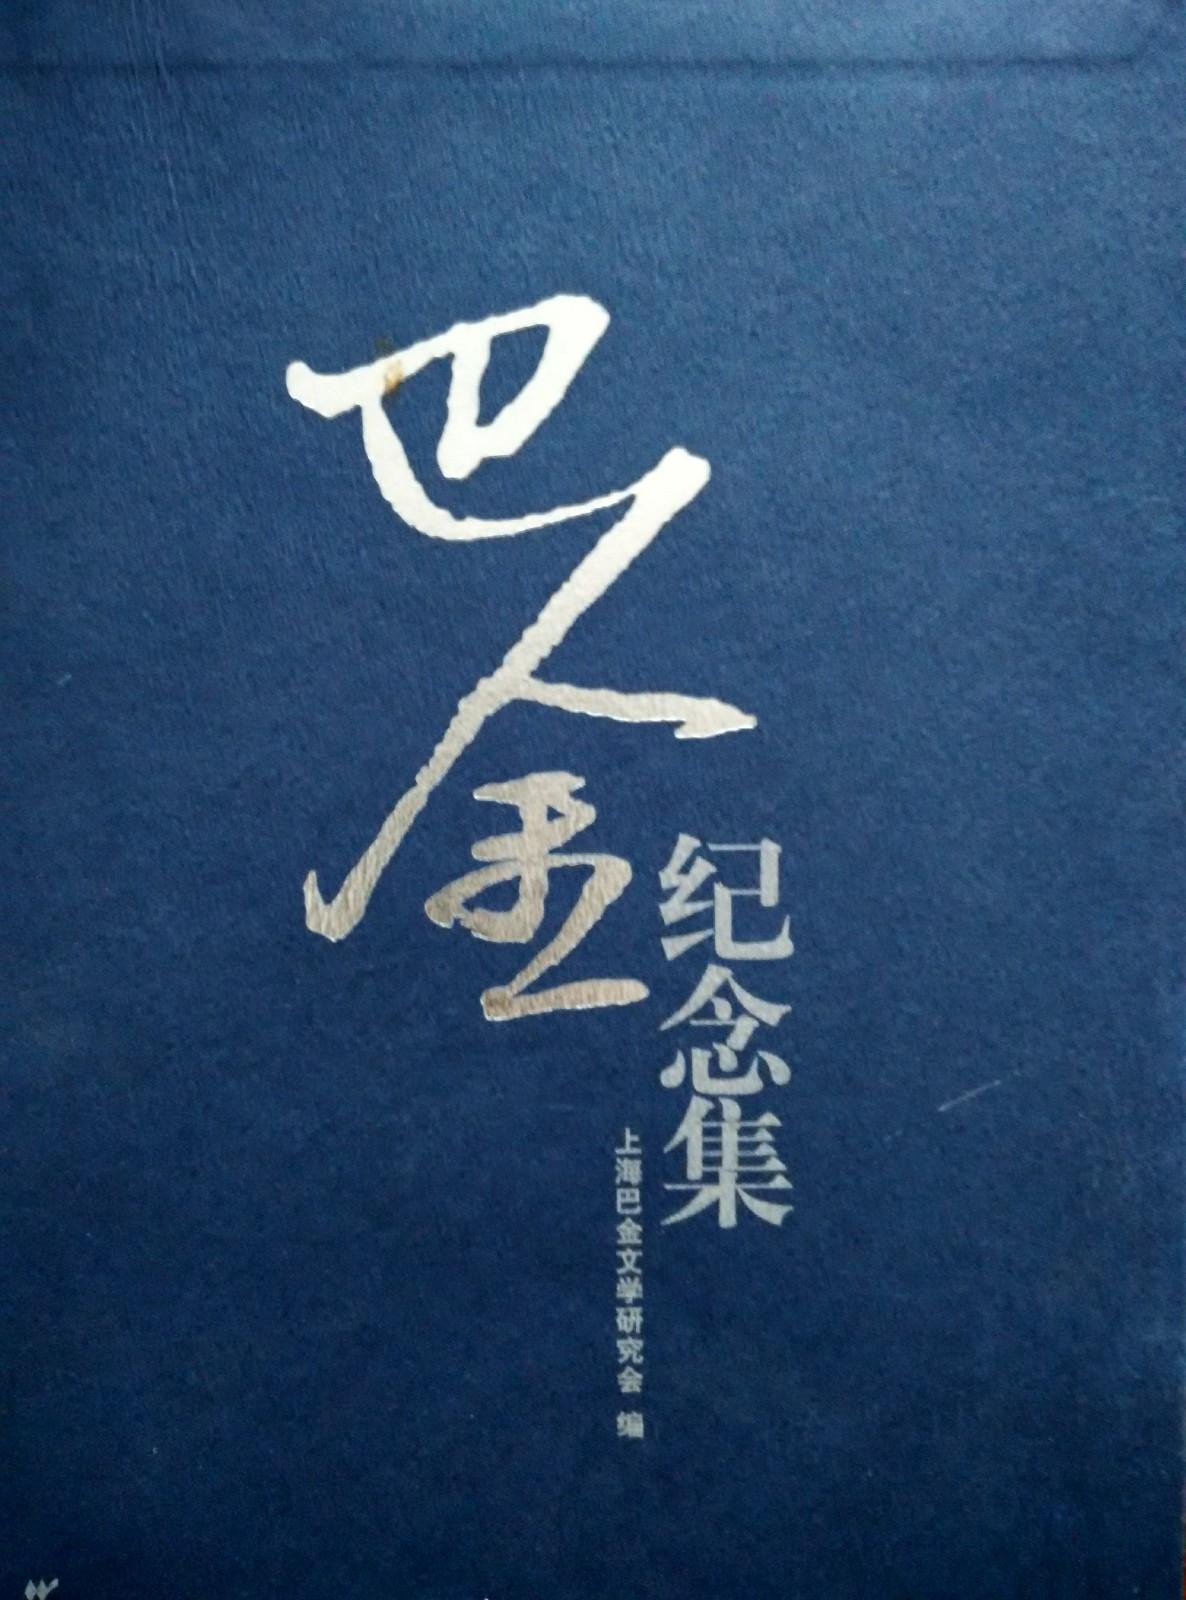 王元化手书的挽联收入《巴金纪念集》.jpg